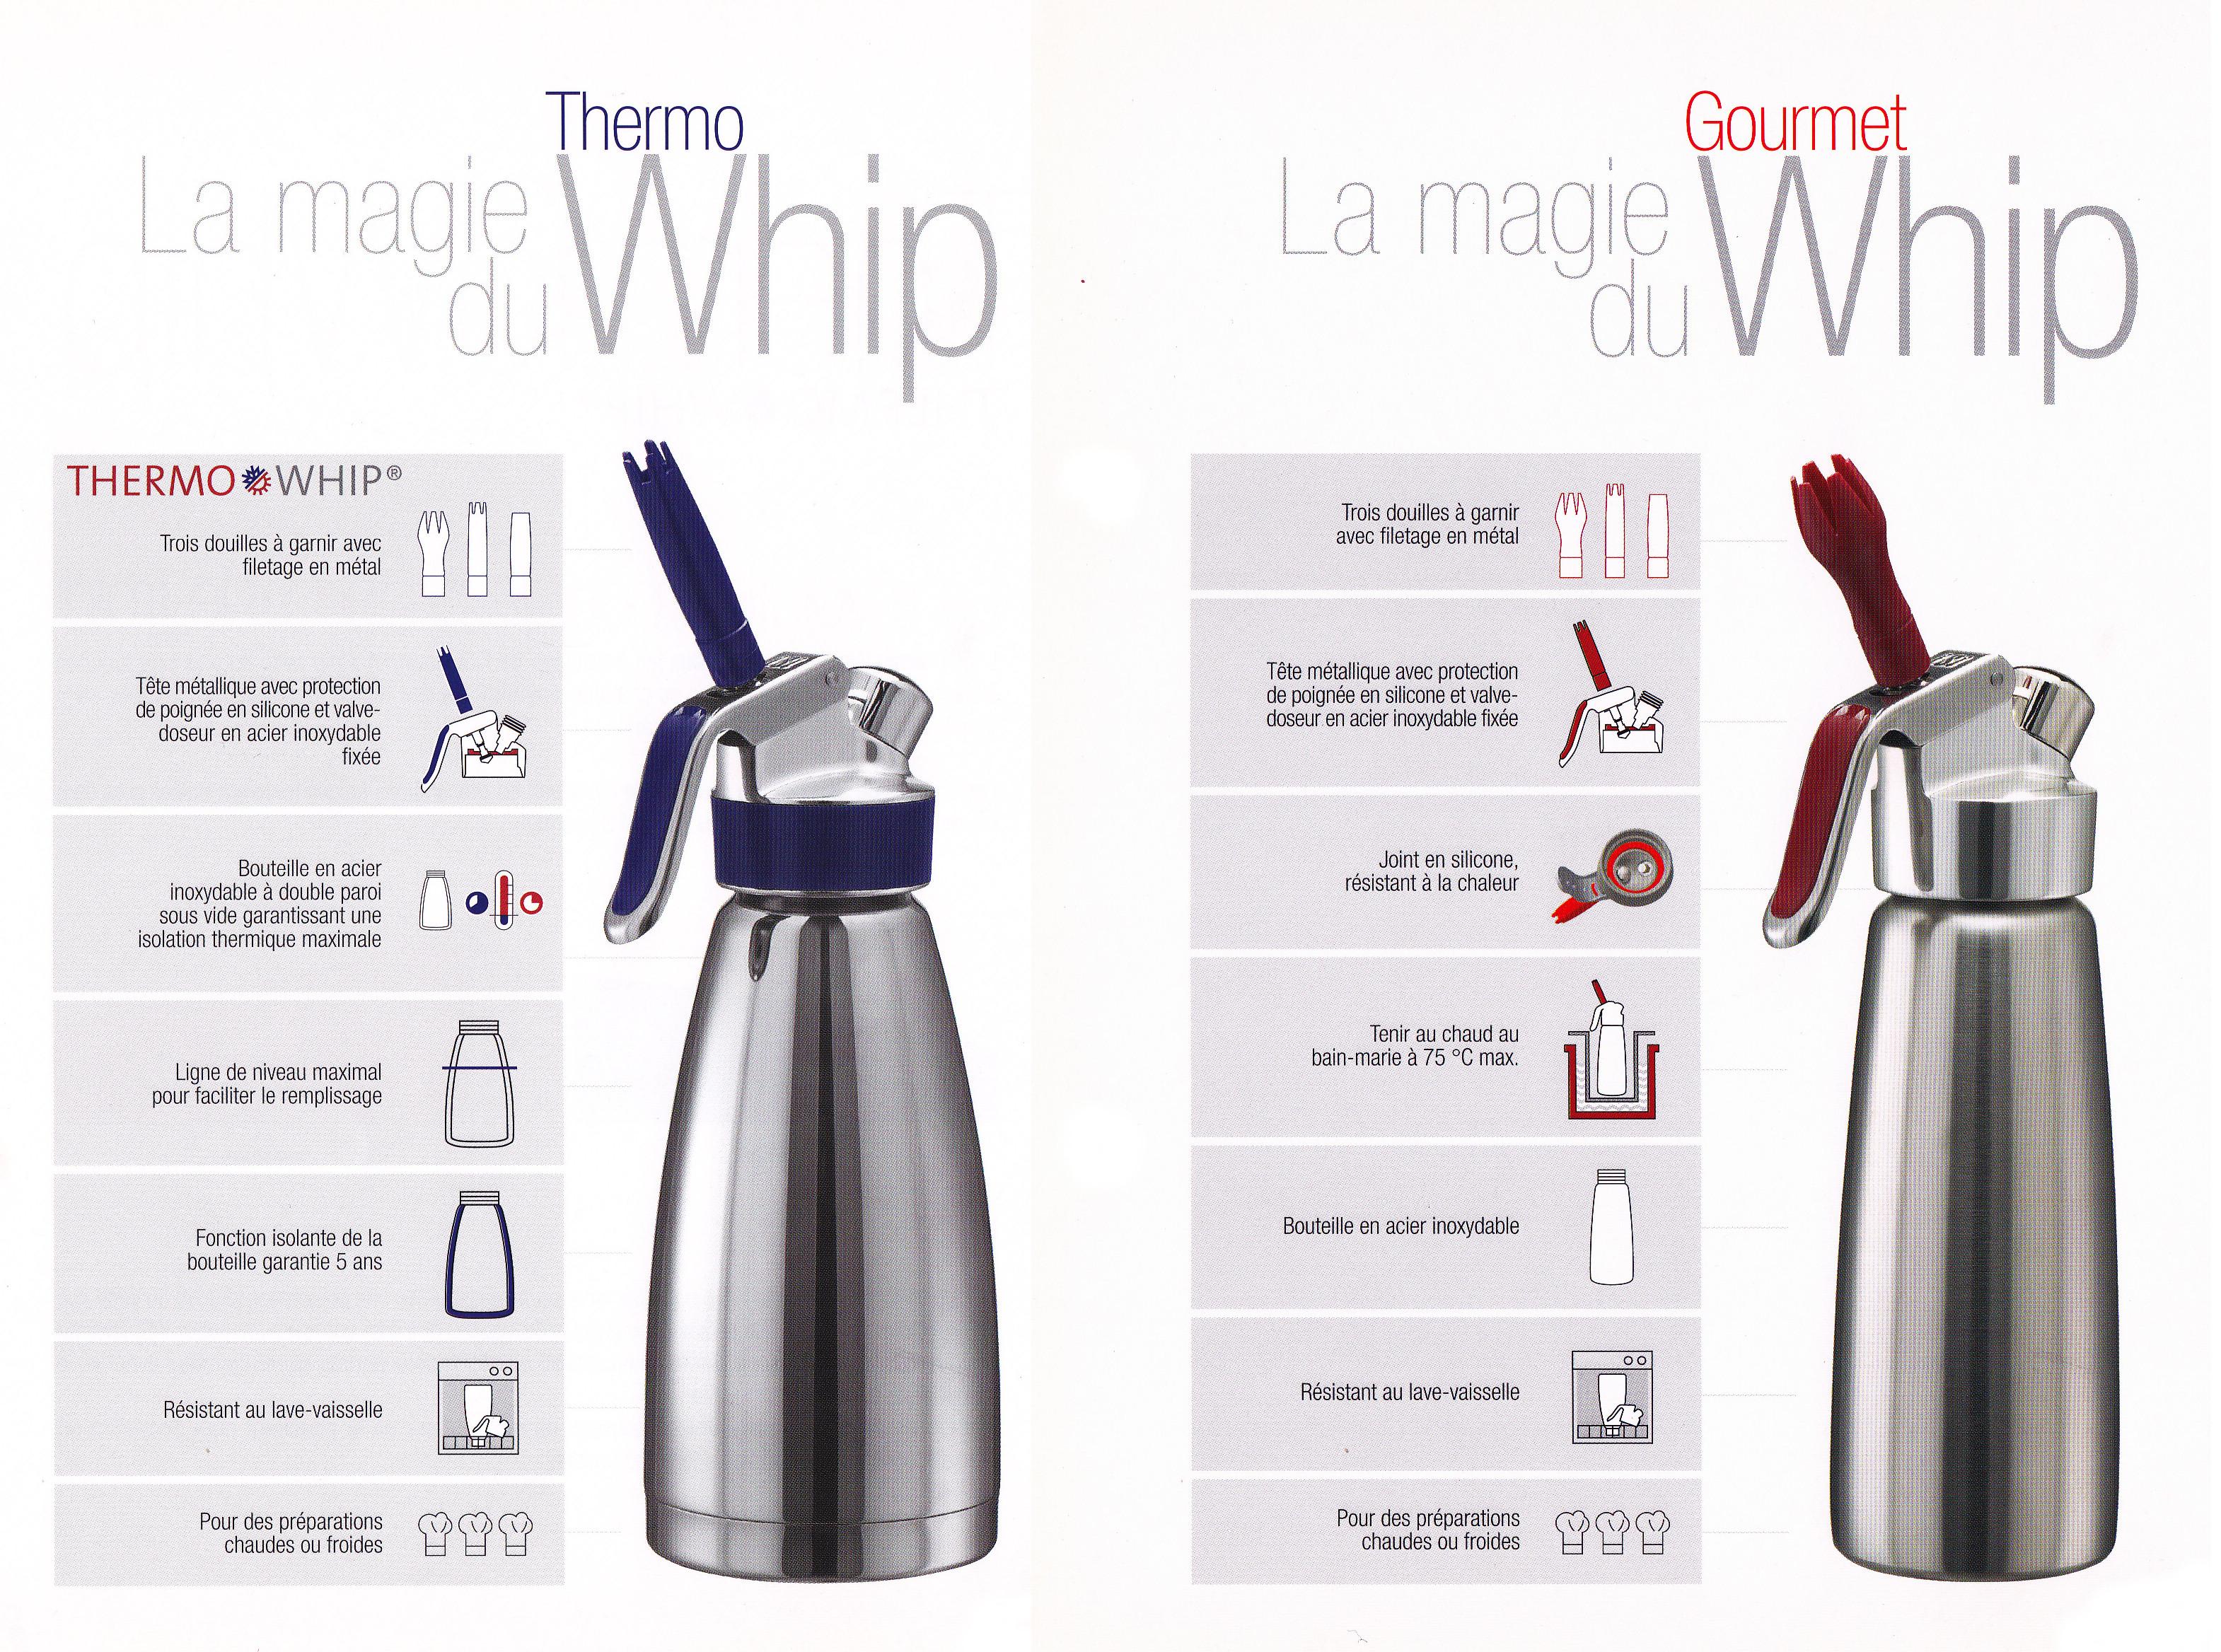 le siphon: comment bien l'utiliser - [les] gourmantissimes